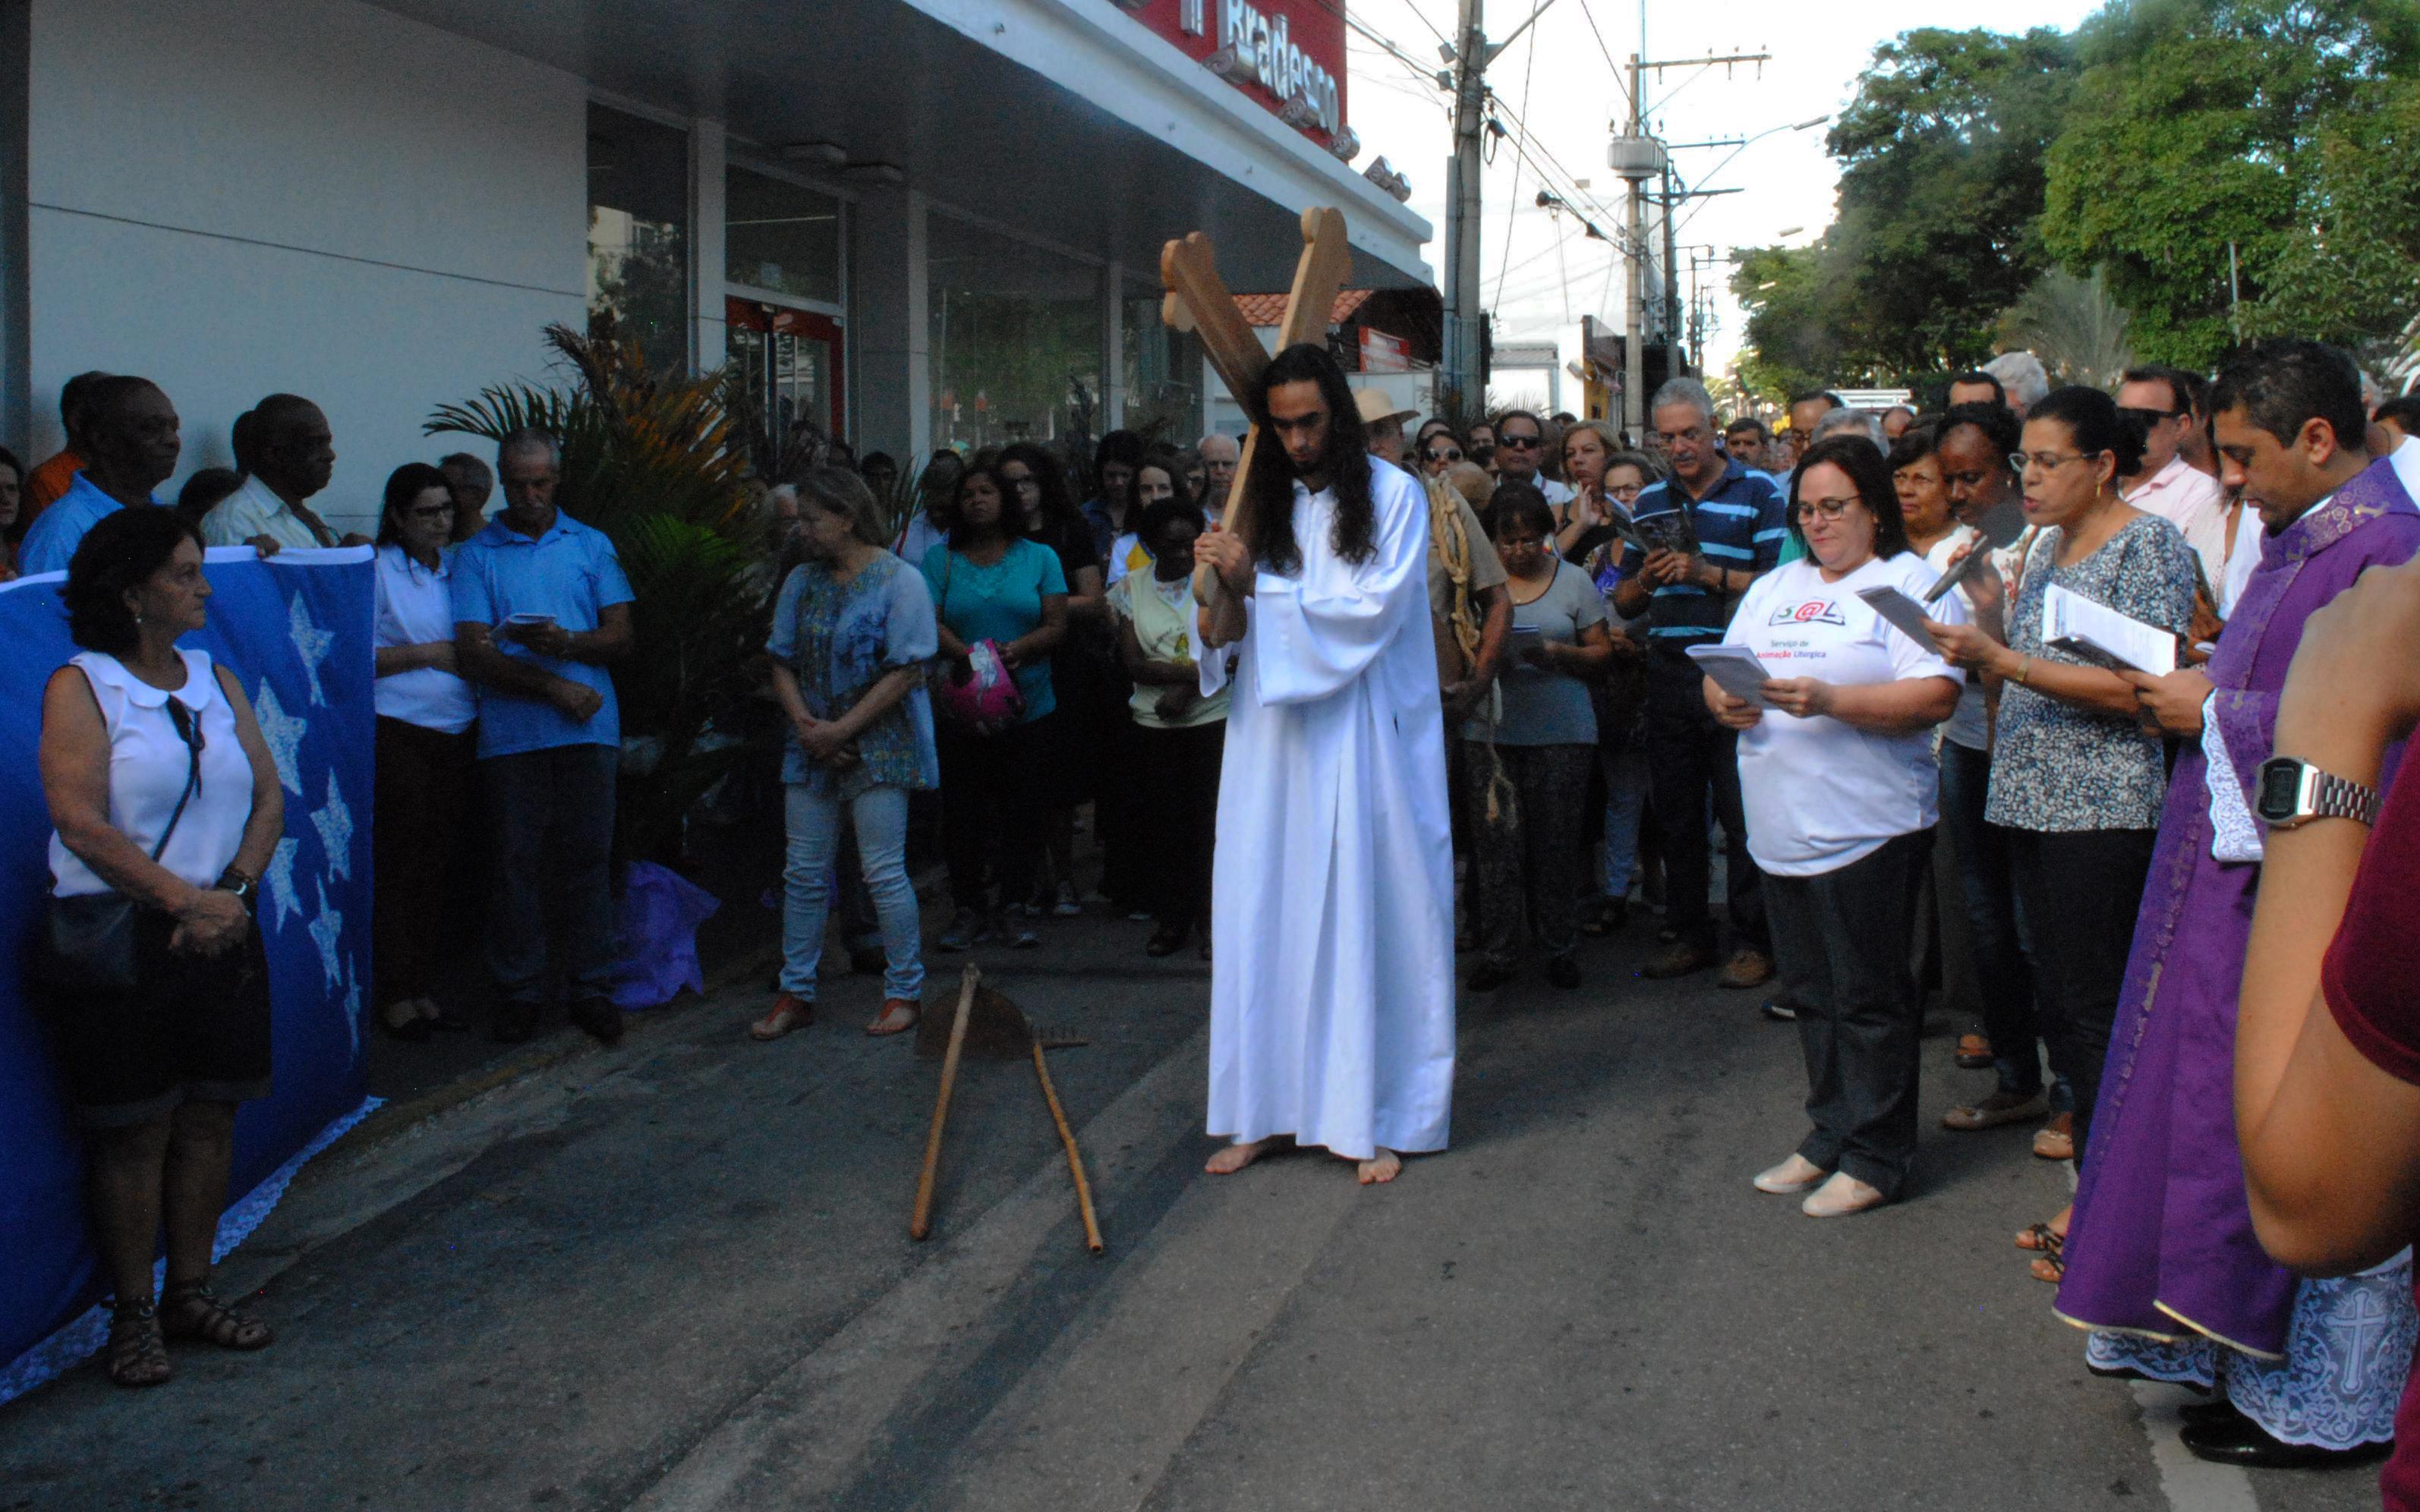 Fiéis celebram Sexta-feira Santa em Lavras